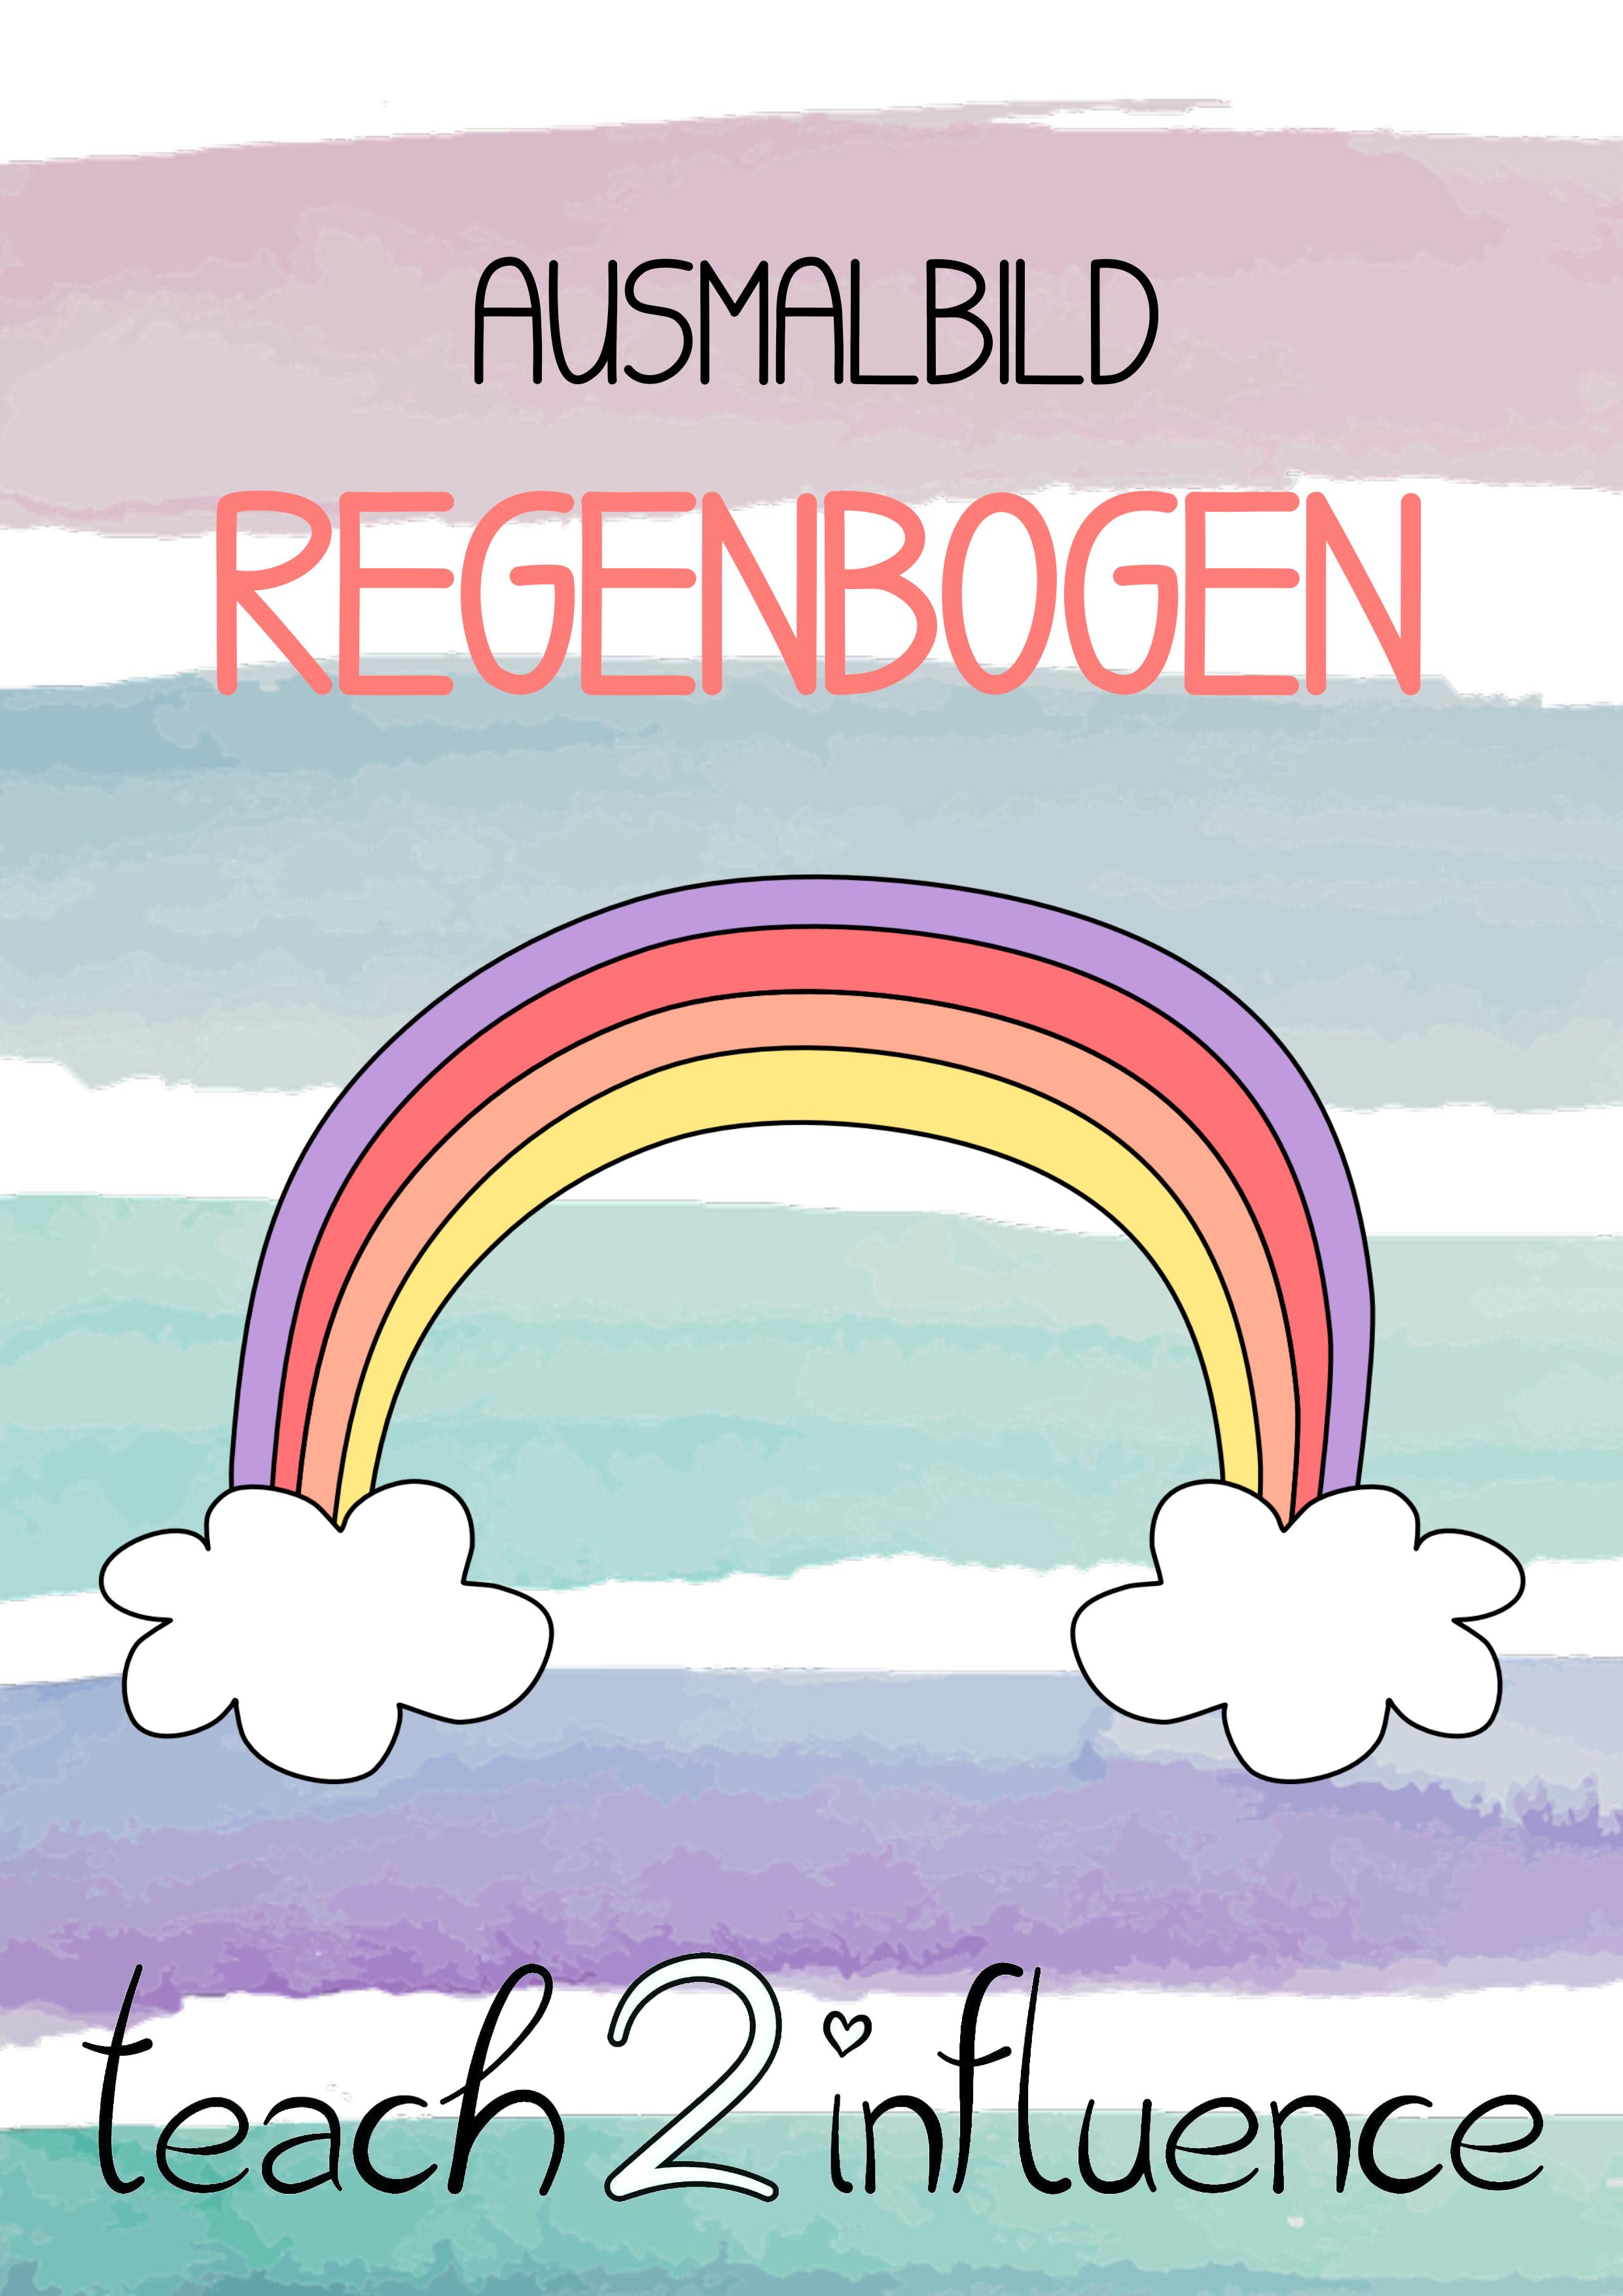 Ausmalbild Regenbogen Unterrichtsmaterial Im Fach Kunst Ausmalen Ausmalbild Bilder